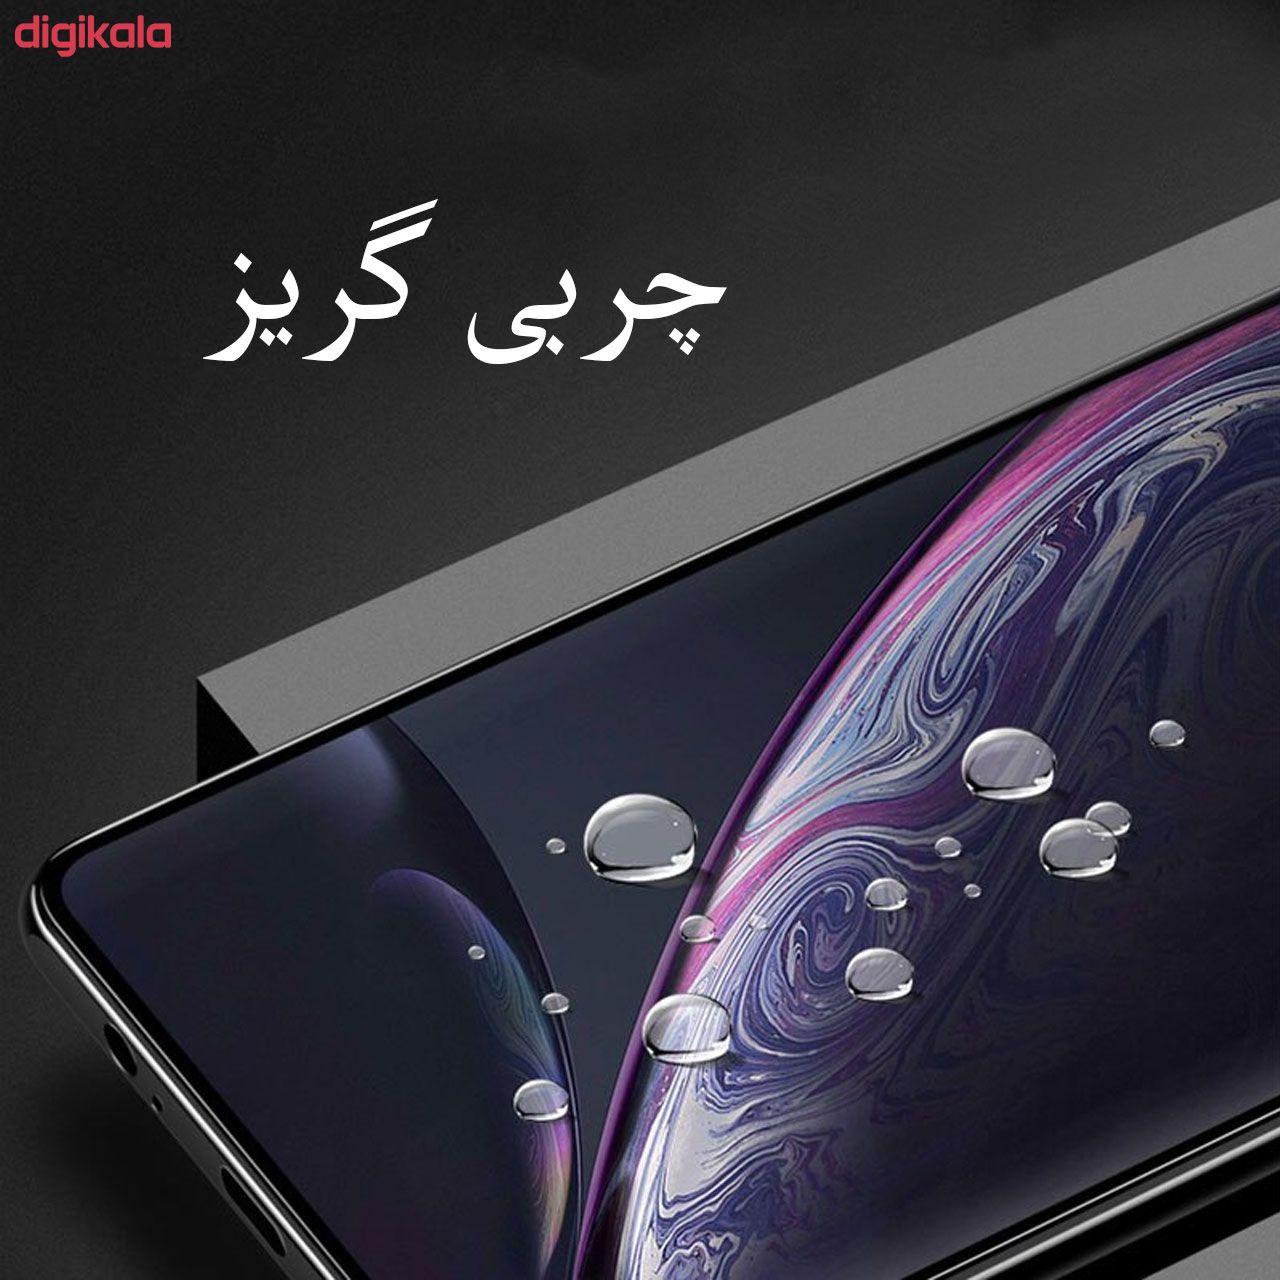 محافظ صفحه نمایش مدل FCG مناسب برای گوشی موبایل شیائومی Mi 10 Lite 5G main 1 10